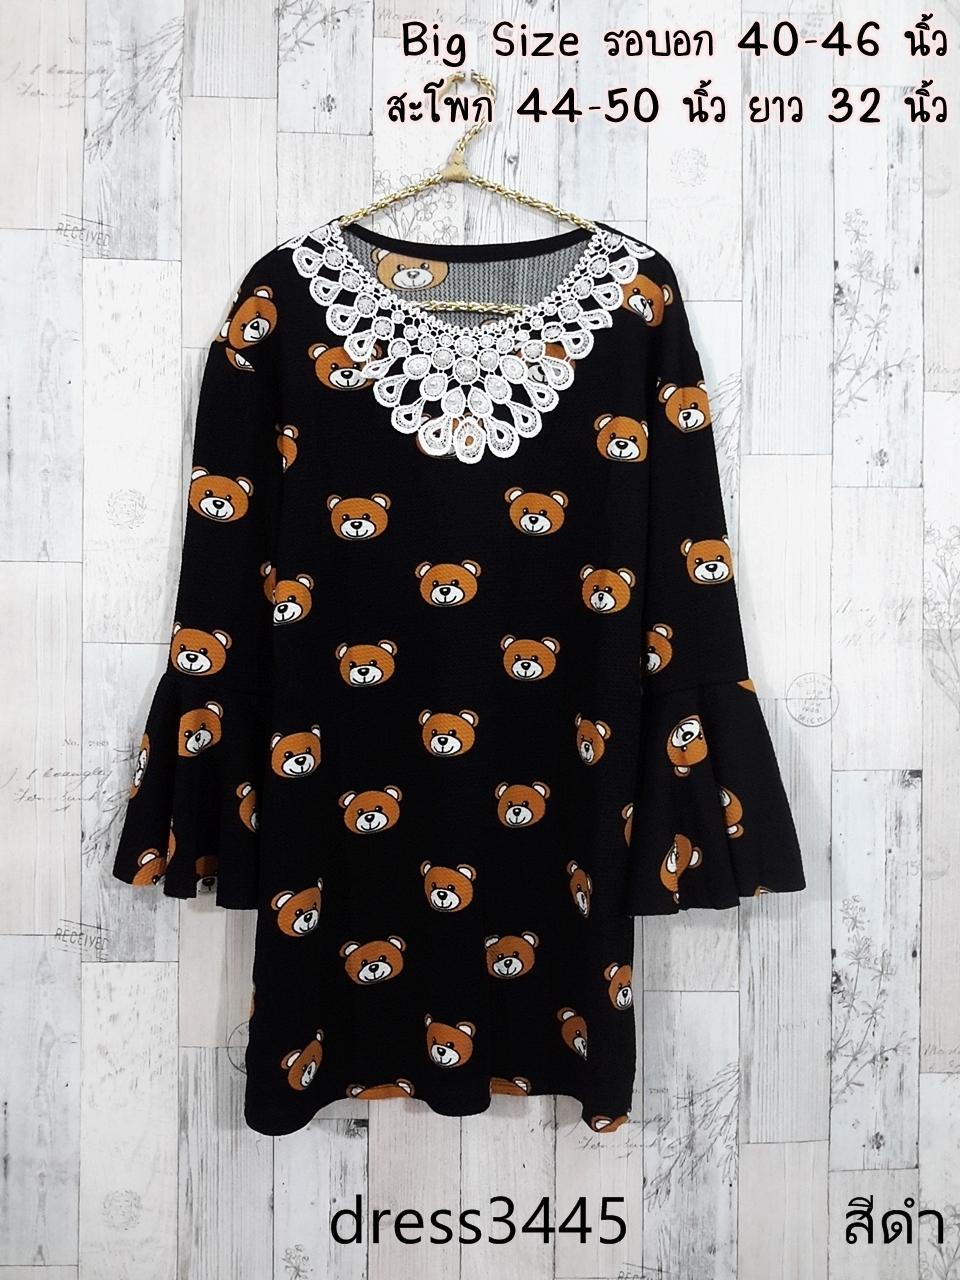 Dress3445 Big Size Dress ชุดเดรสแฟชั่นไซส์ใหญ่คอลูกไม้ถัก แขนกระดิ่ง ผ้าหนังไก่เนื้อนุ่มยืดได้เยอะ ลายหมีพื้นสีดำ